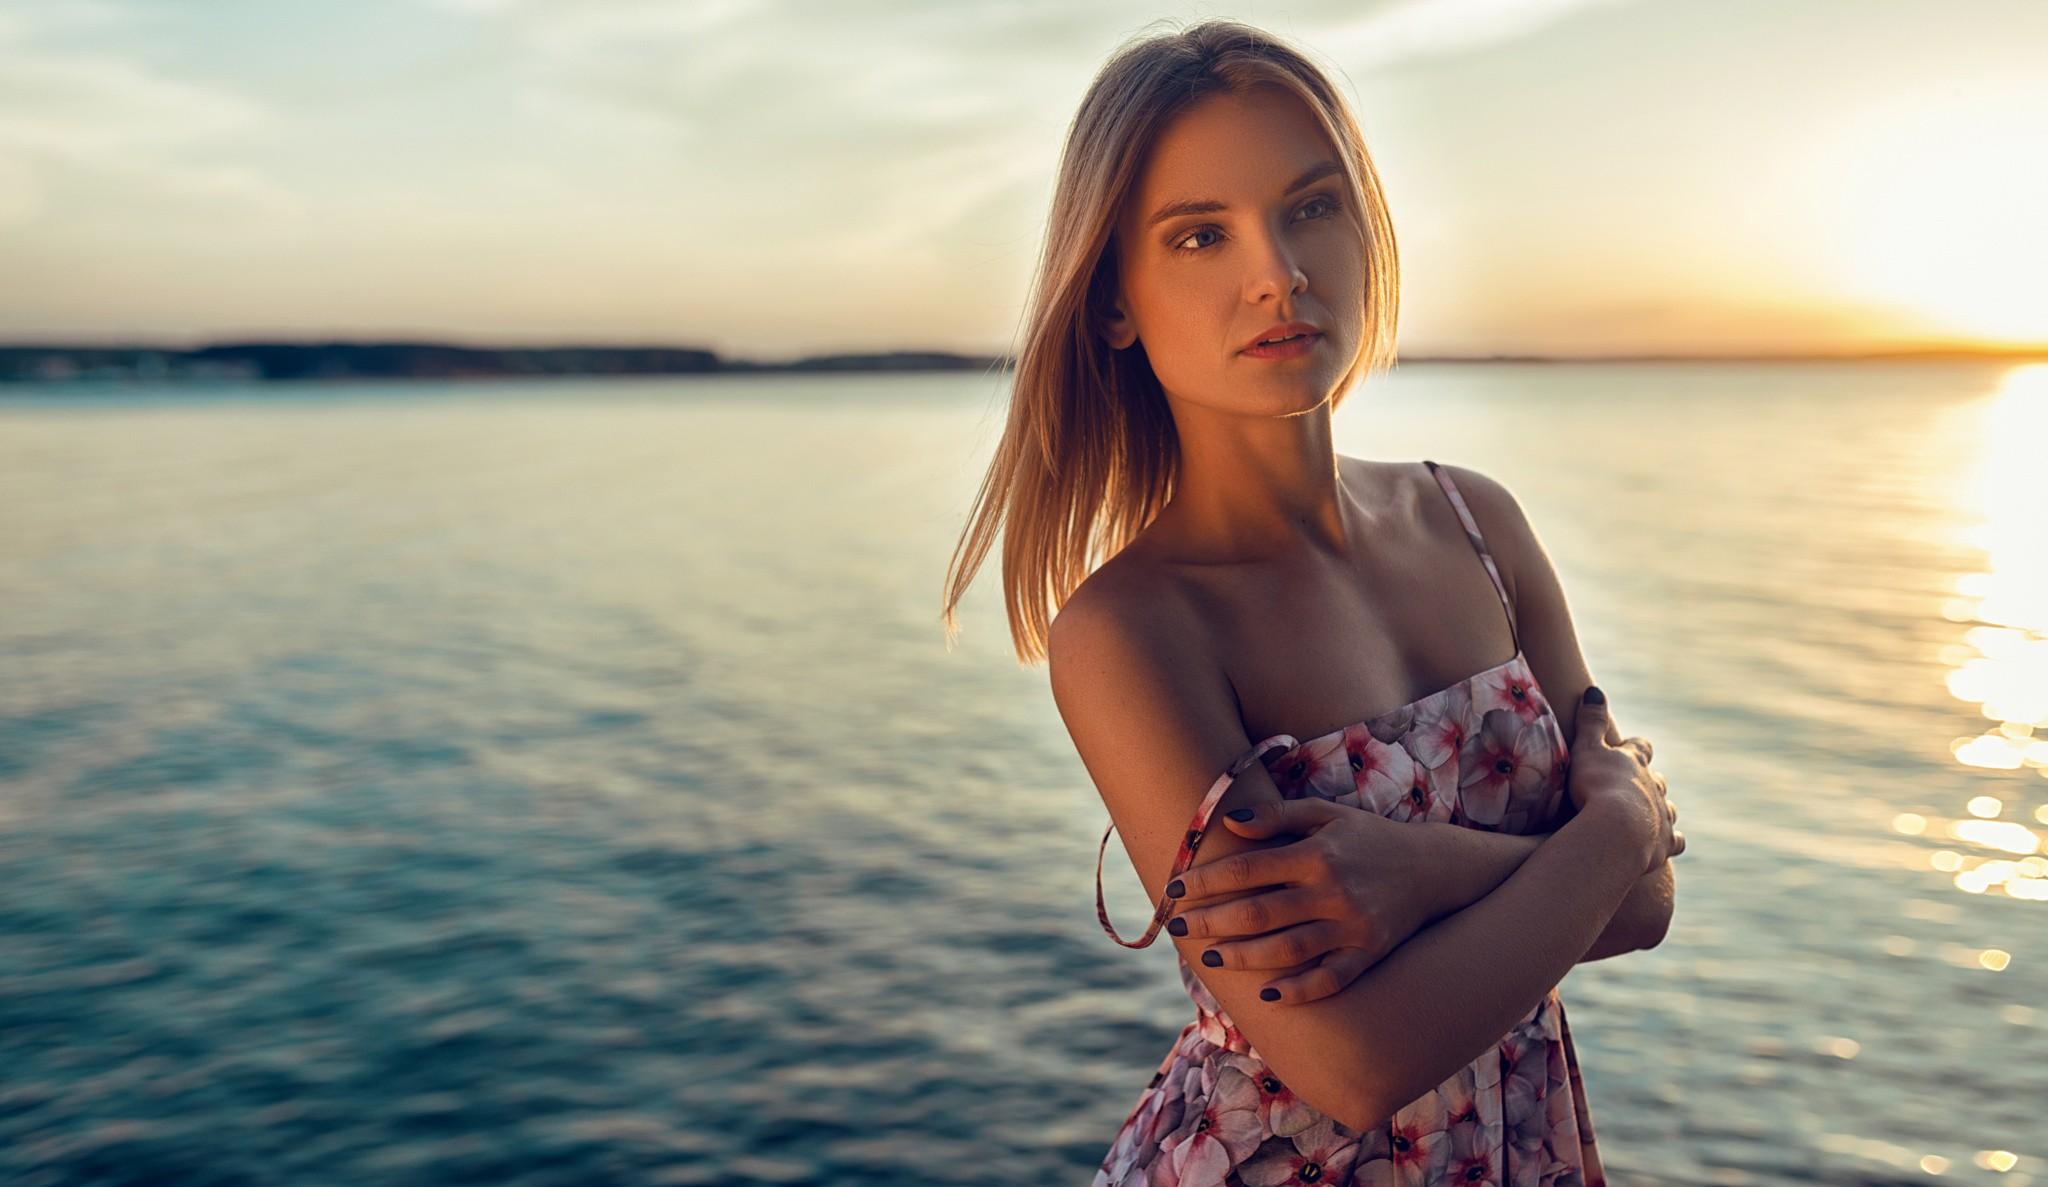 портрет на фоне воды фото время прогули ночному